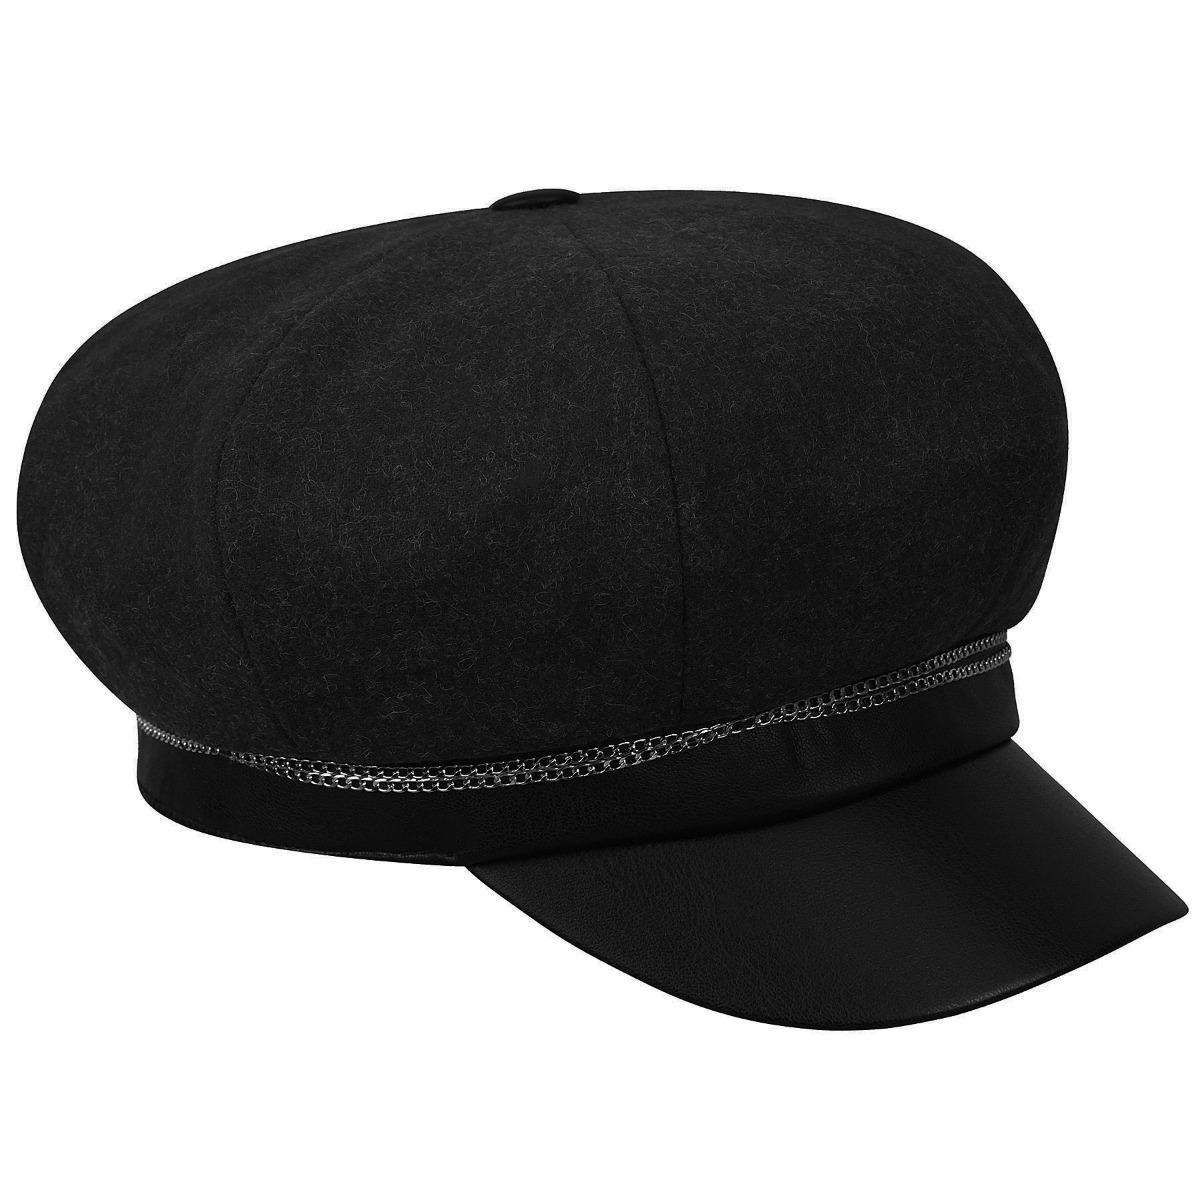 Betmar Clara Cap in Black